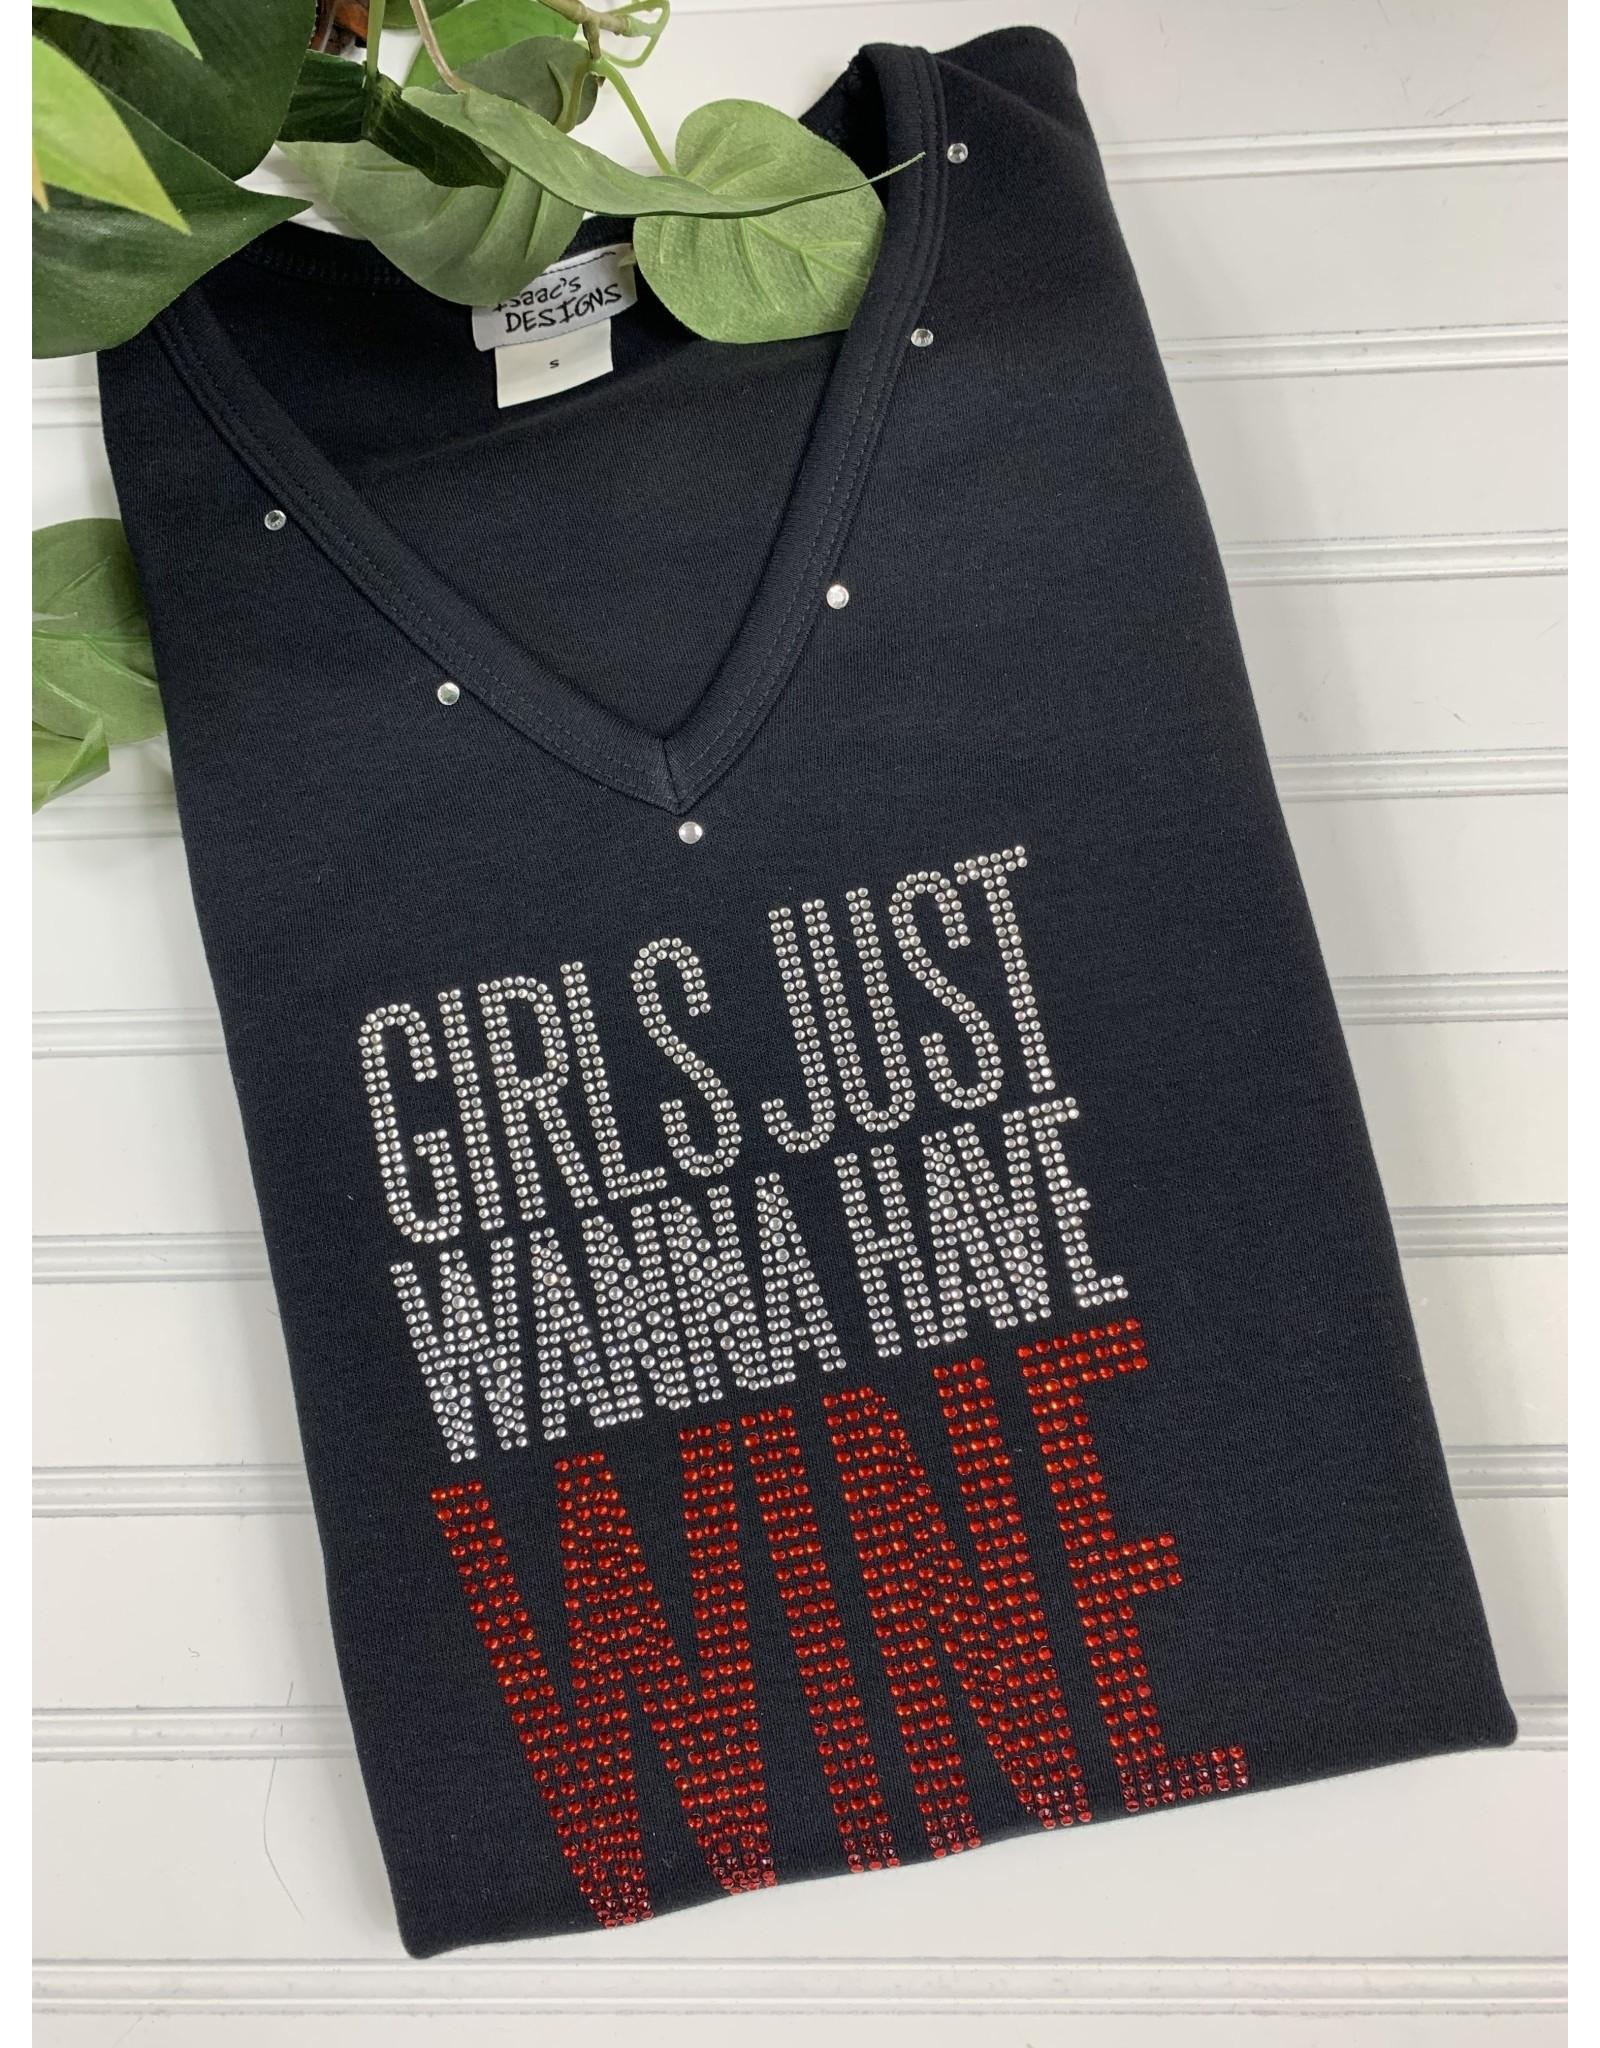 Isaac's Isaac's Girls Wanna Have Wine Tee